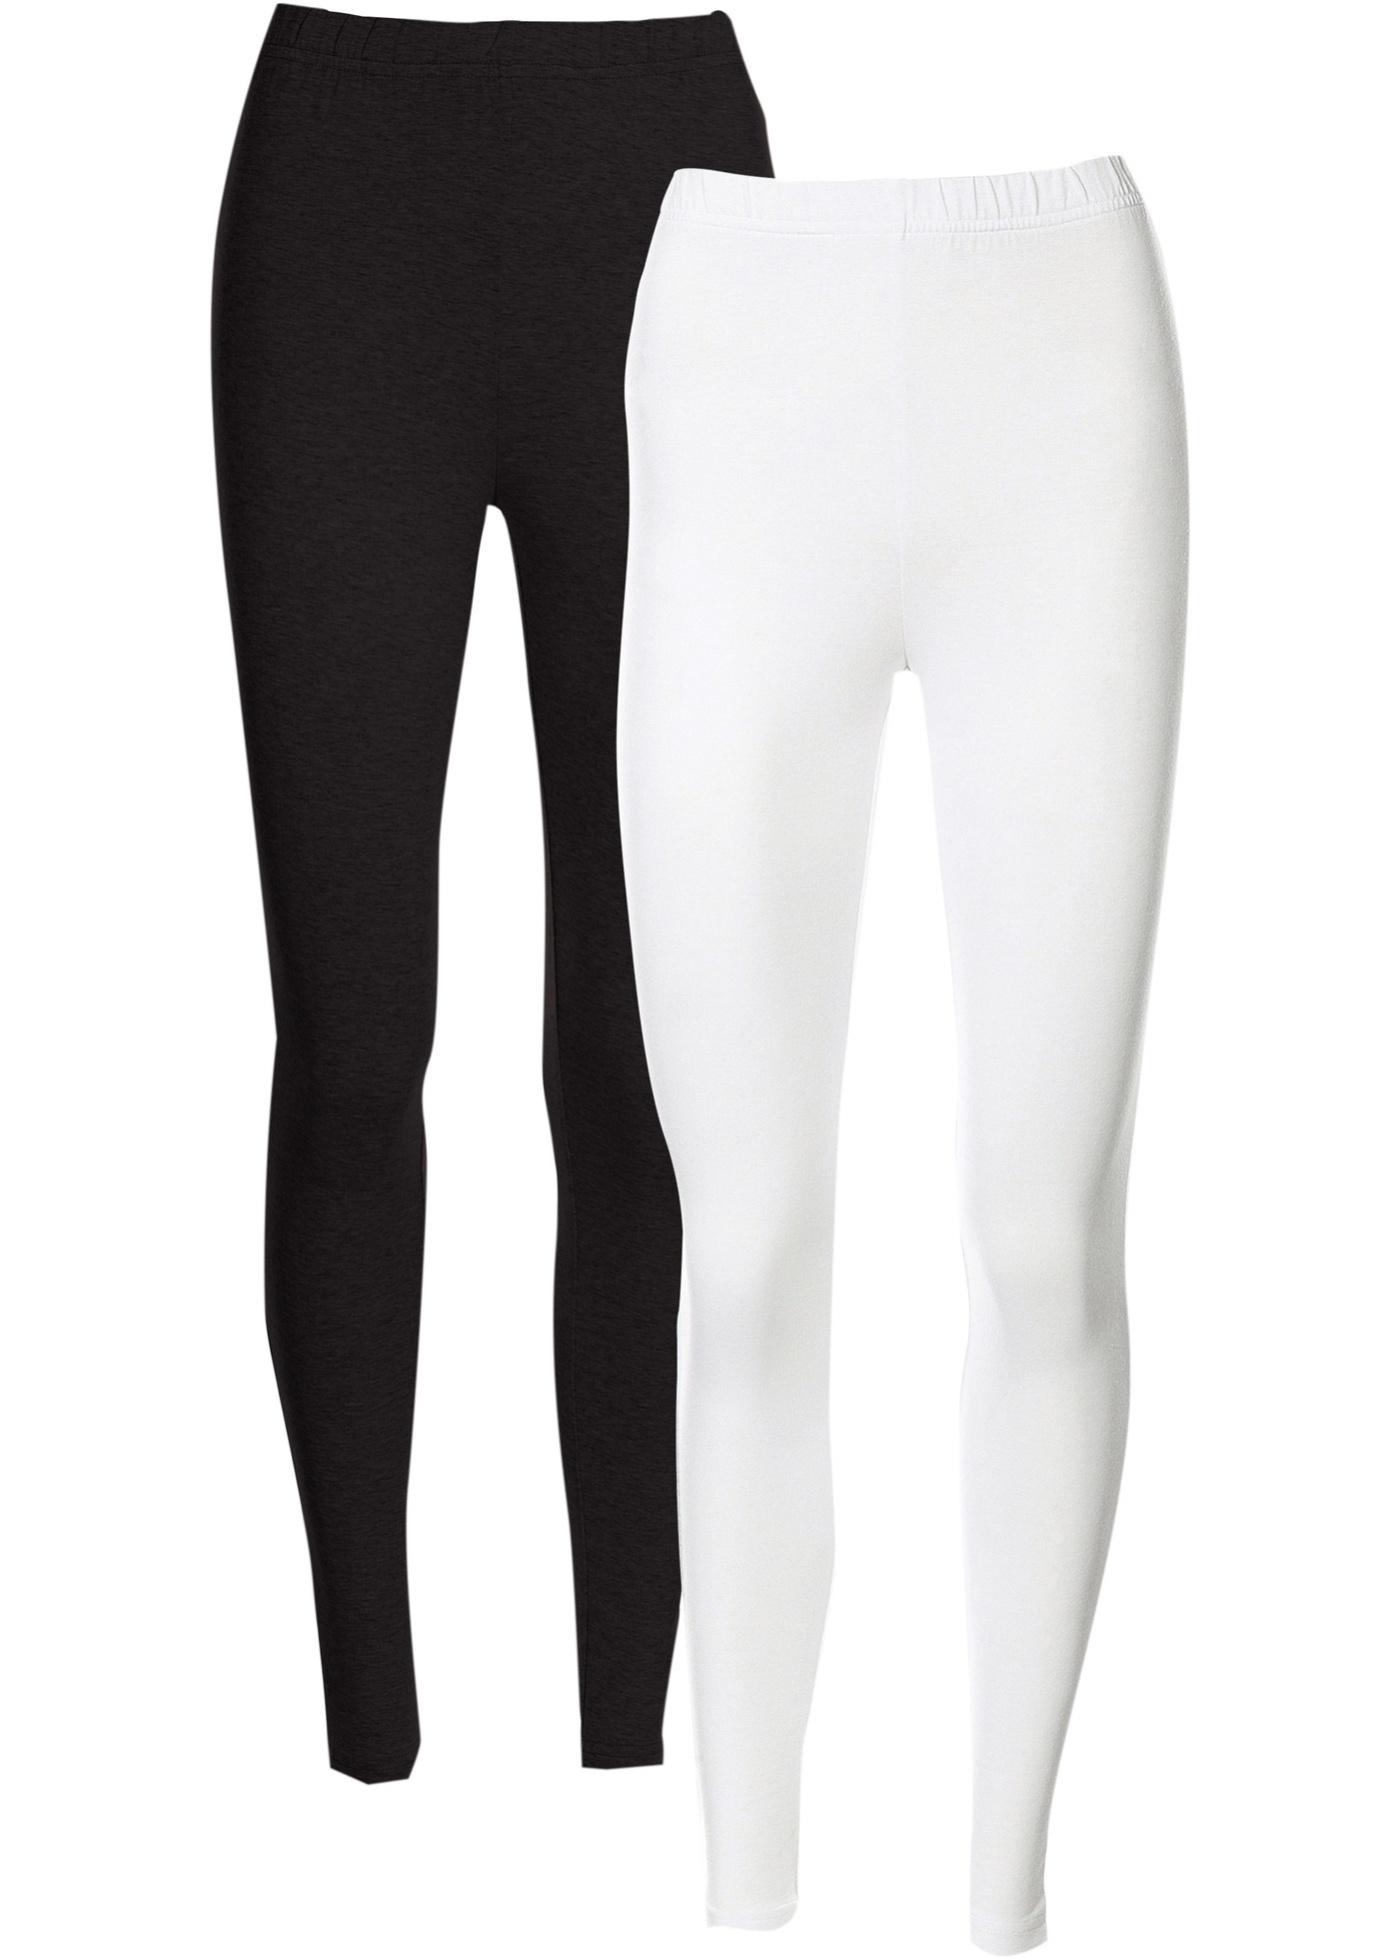 Extensibles Leggings Pour Bpc De Blanc Femme 2 Bonprix CollectionLot eEYWDHI29